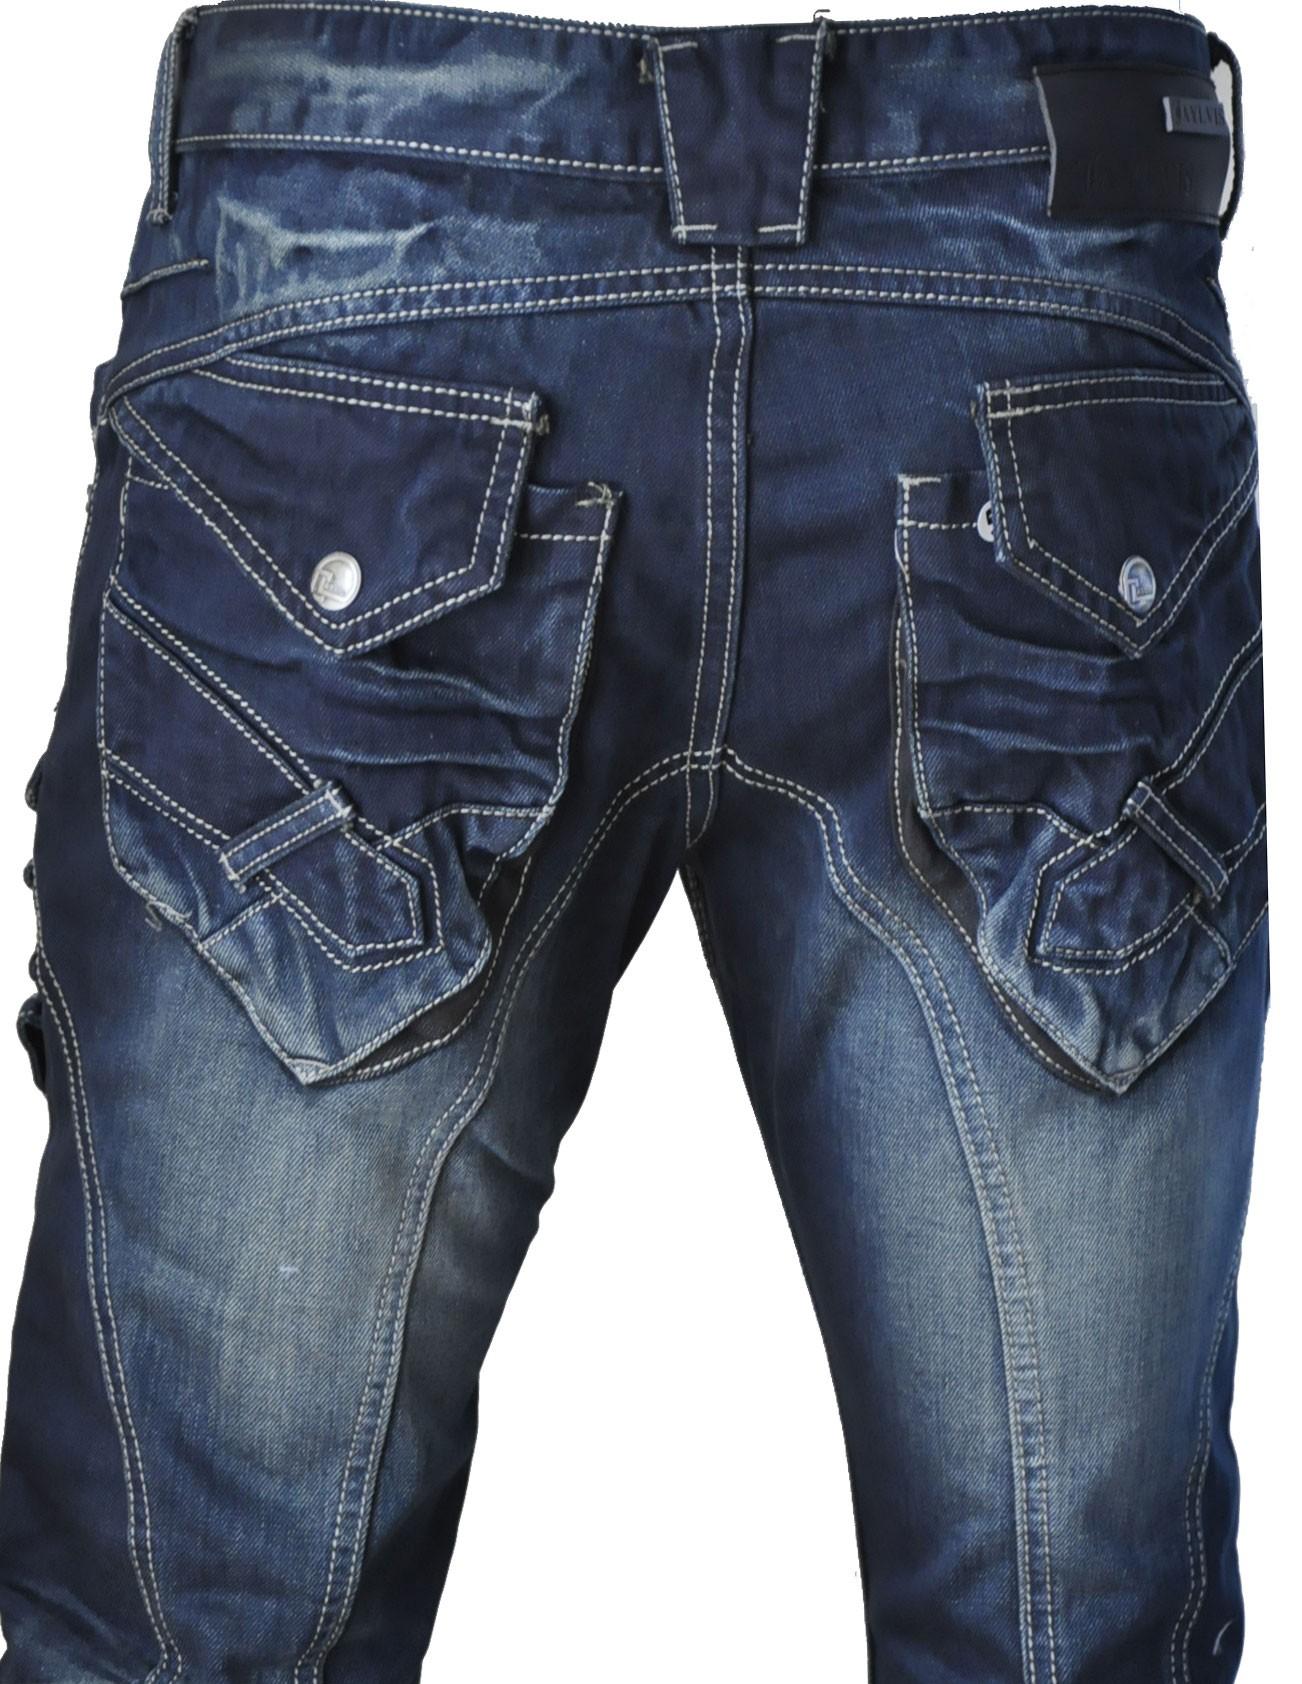 mon jeans homme respecte l environnementjeans homme la. Black Bedroom Furniture Sets. Home Design Ideas